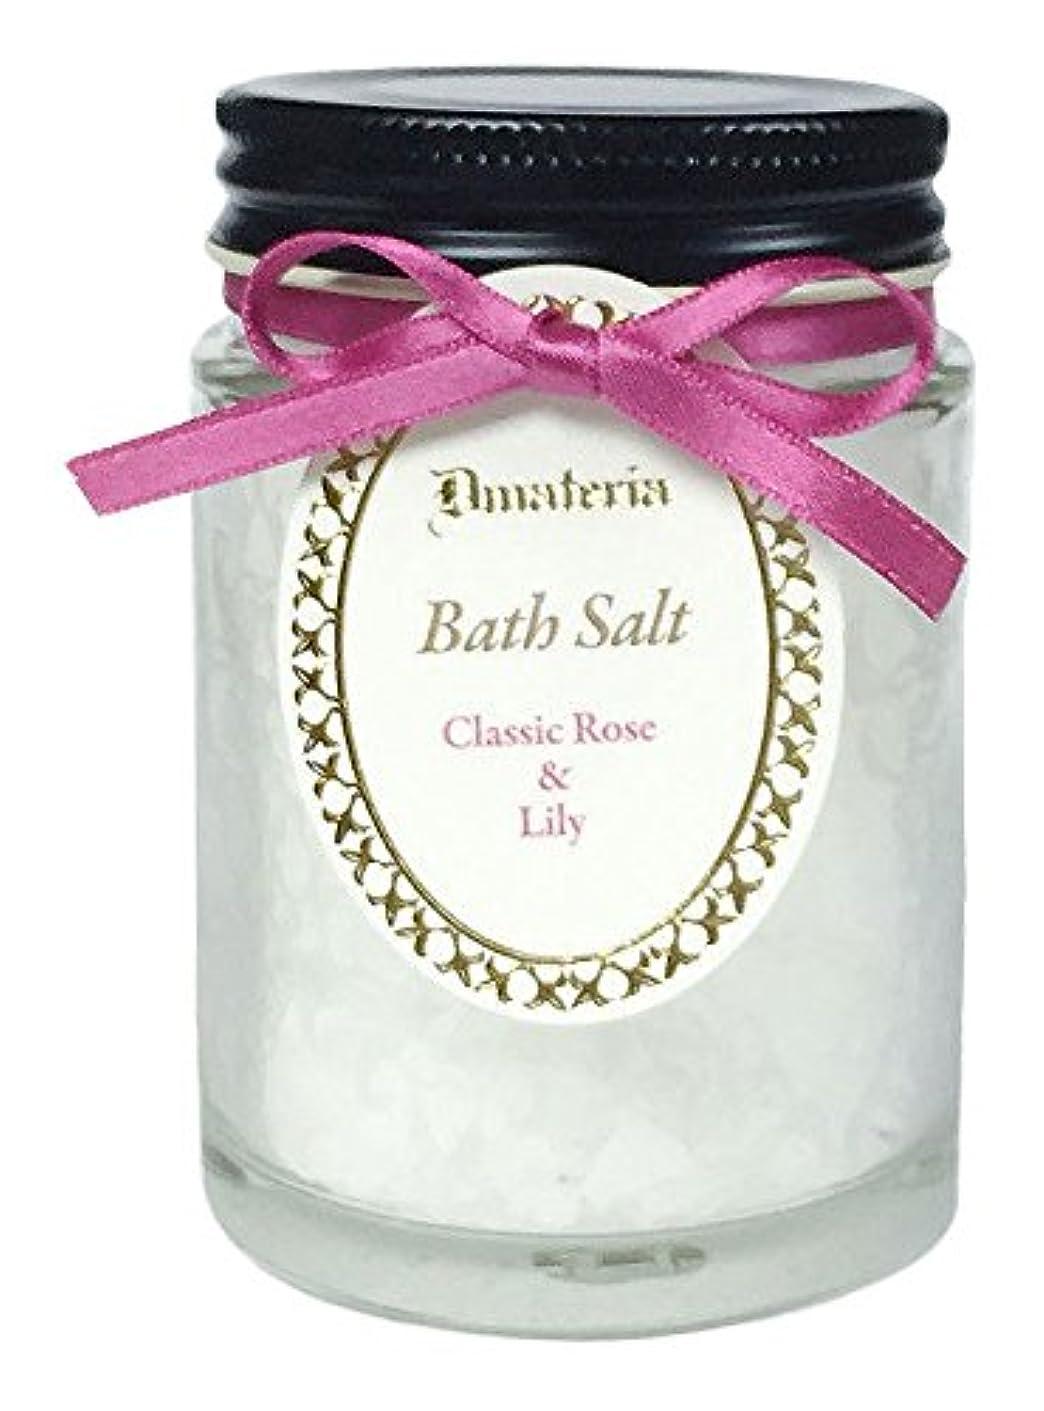 過半数郊外素人D materia バスソルト クラシックローズ&リリー Classic Rose&Lily Bath Salt ディーマテリア